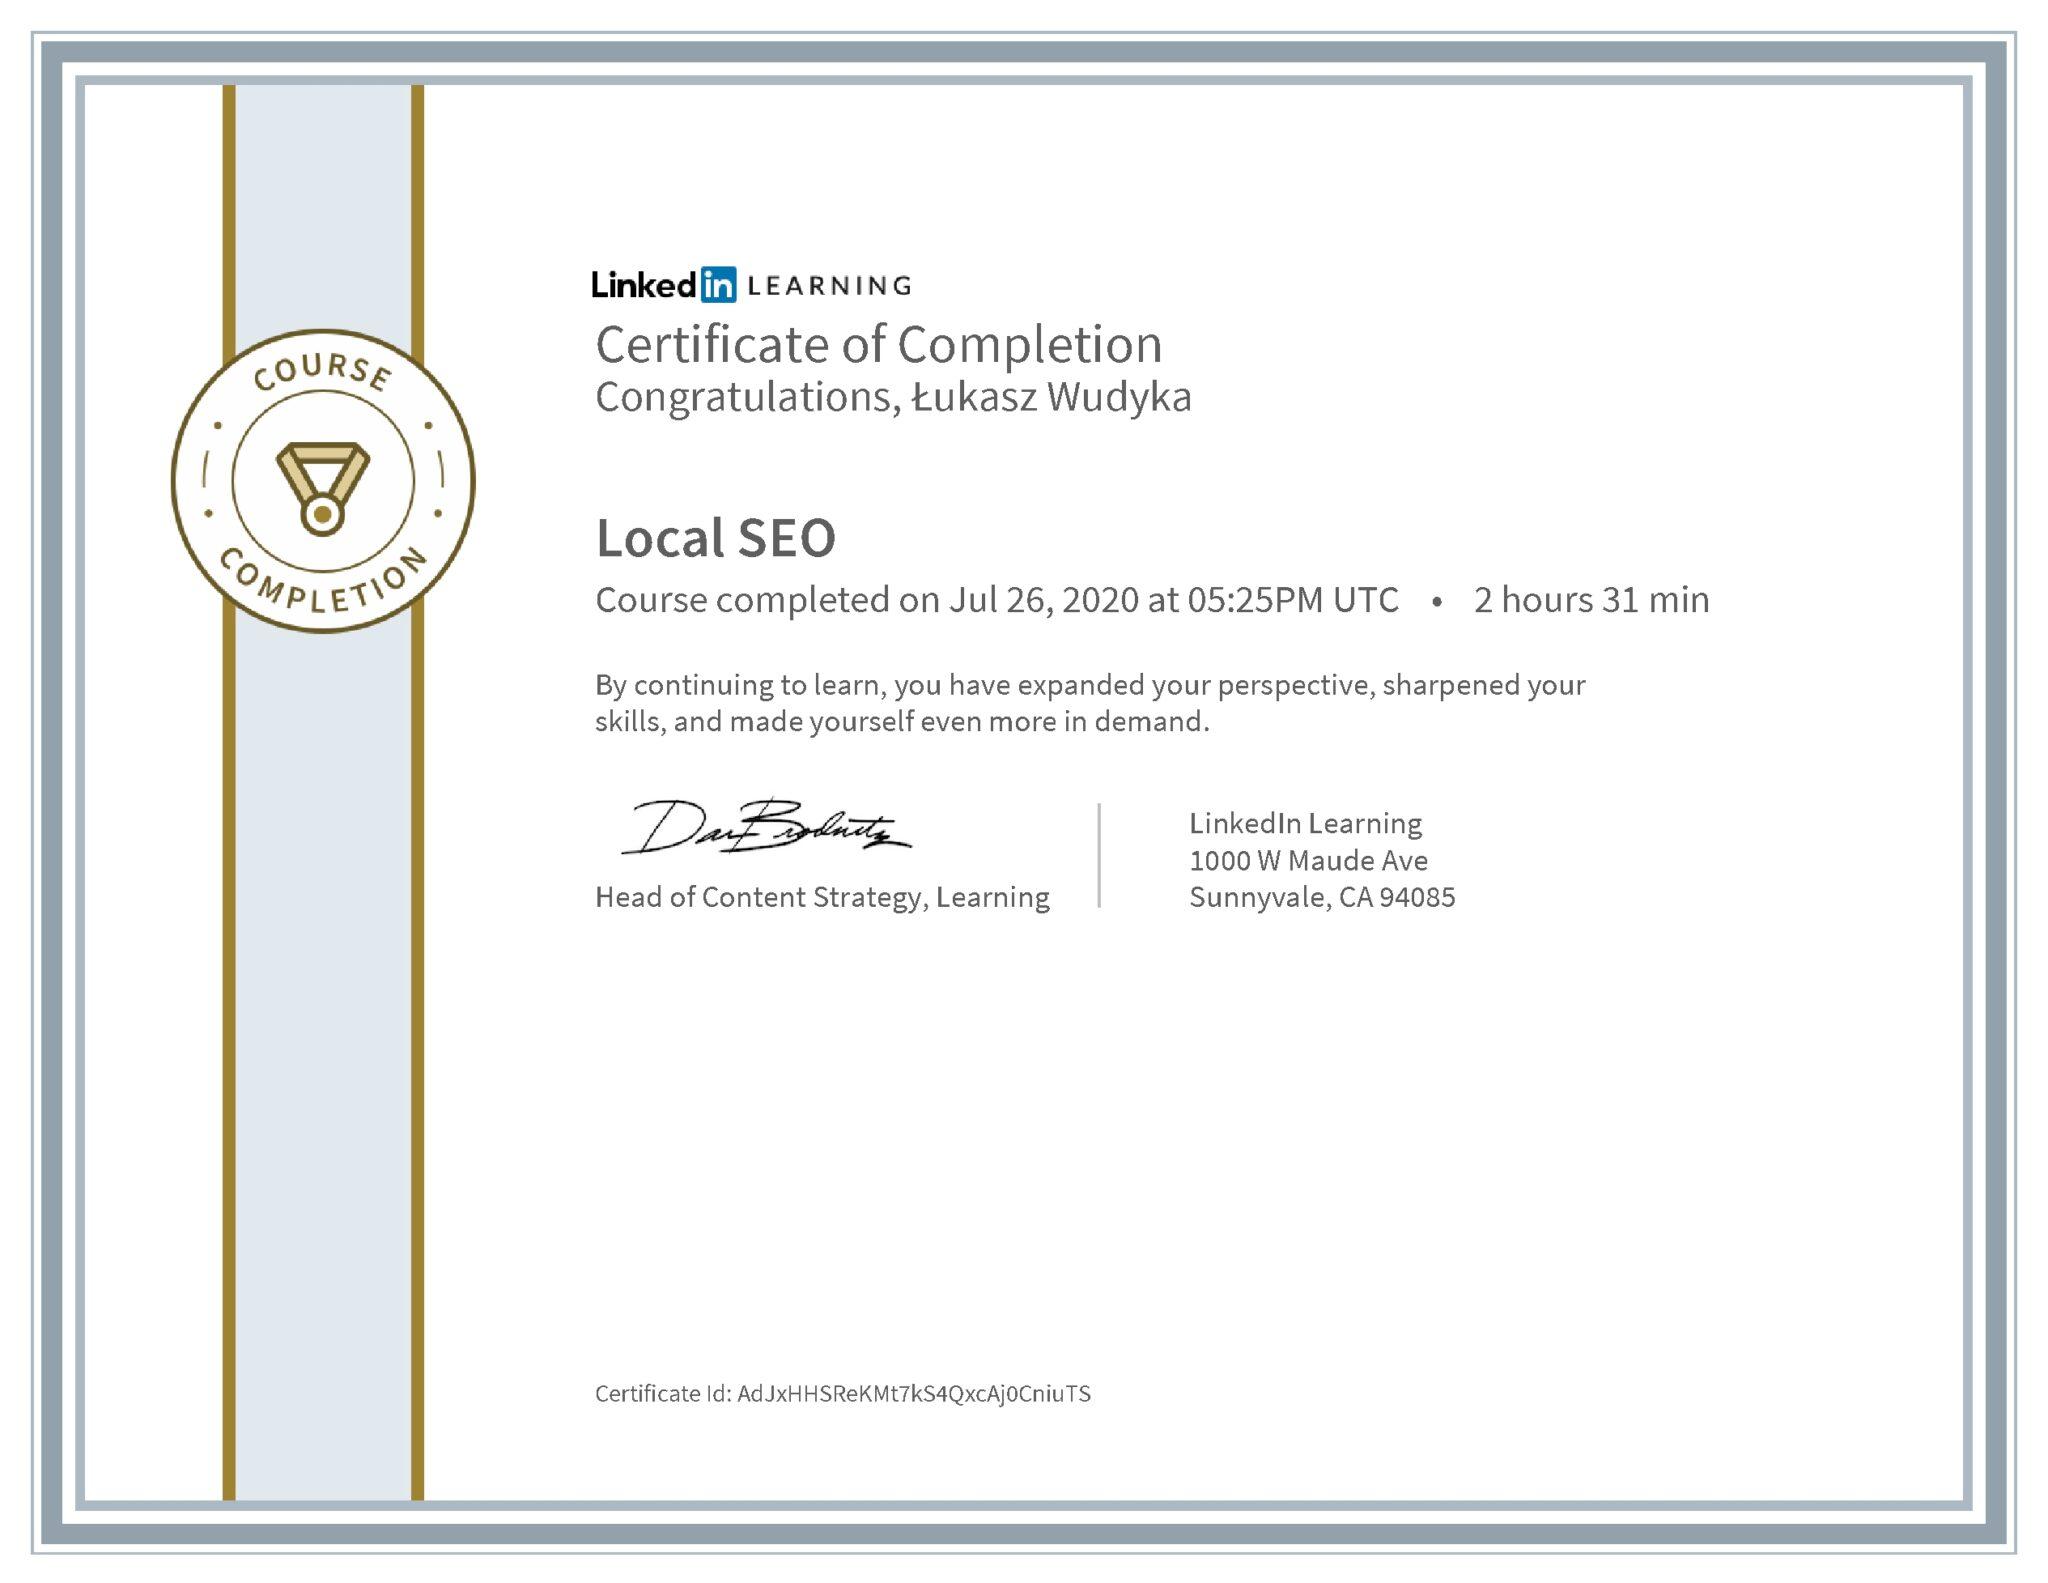 Łukasz Wudyka certyfikat LinkedIn Local SEO